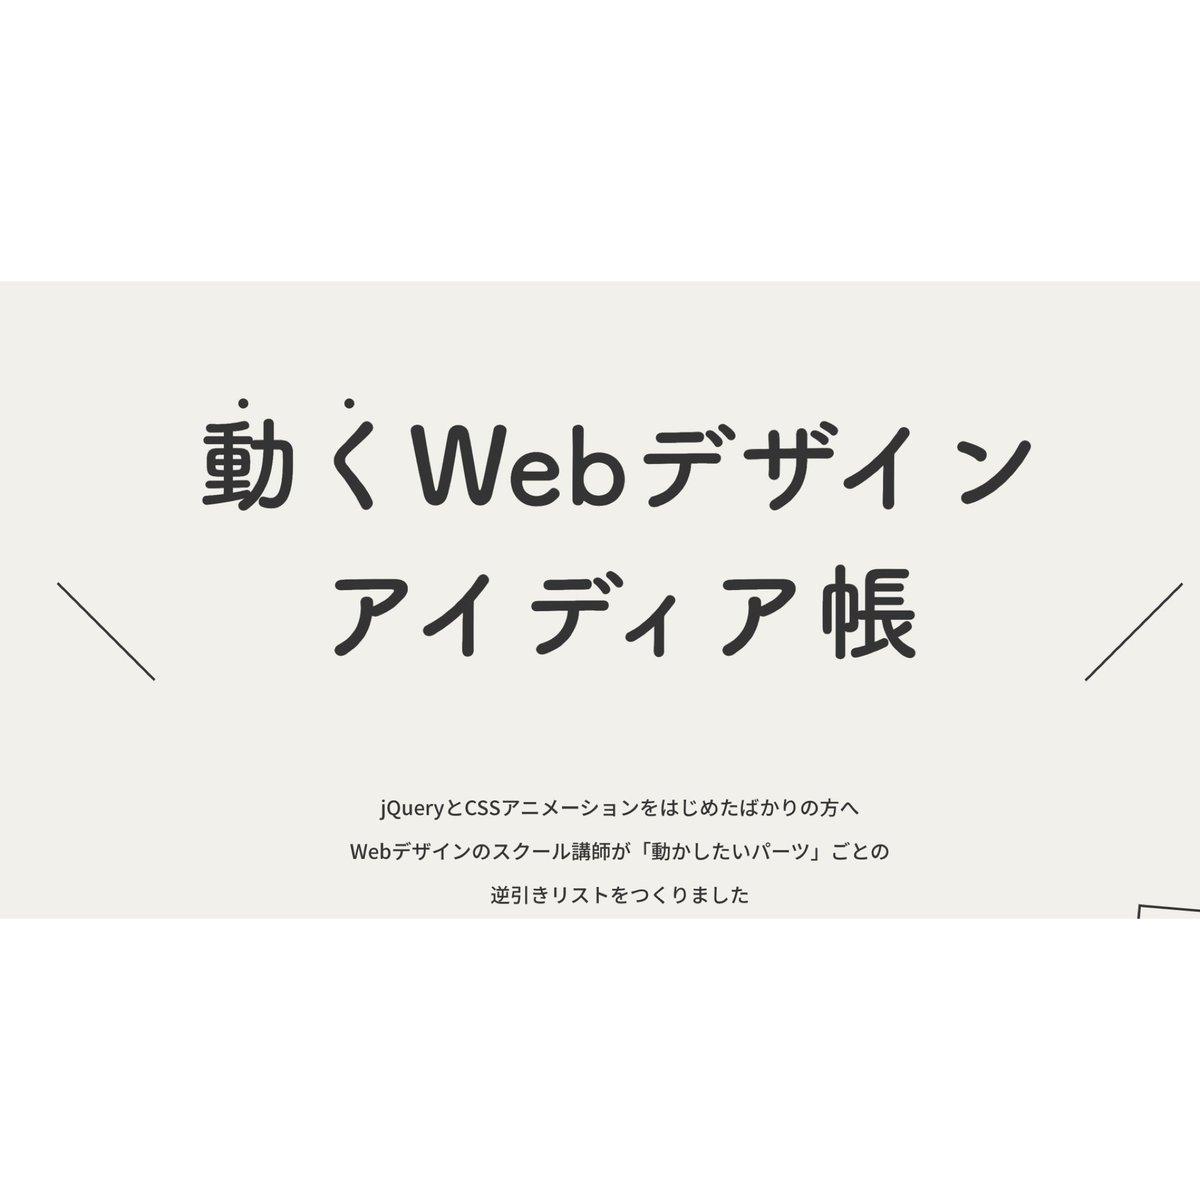 web制作においてJavaScriptで使う頻出の実装が見れる『動くwebデザインアイディア帳』。  『アコーディオン, モーダル, 検索欄』など必須機能を網羅しているので、今も重宝してる。学習中の人にもおすすめ。  こちらで詳しく解説👇